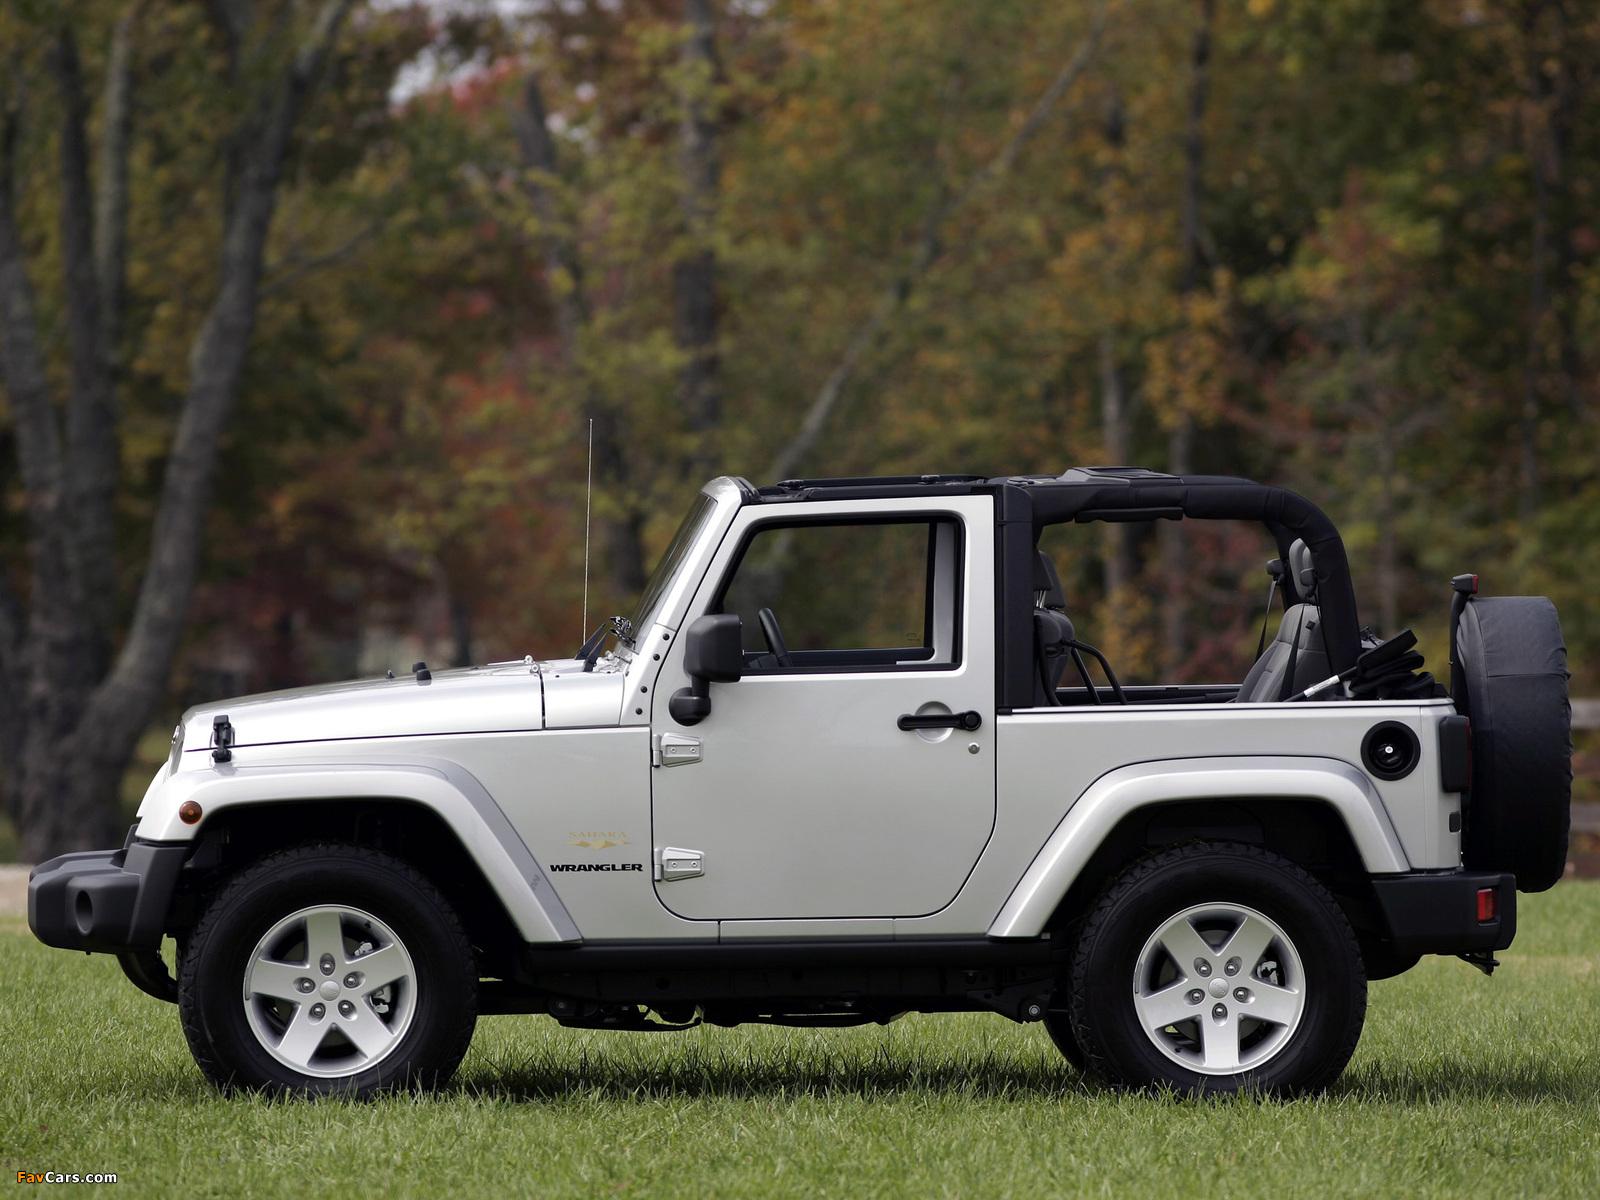 Jeep Wrangler Sahara (JK) 2007 images (1600 x 1200)